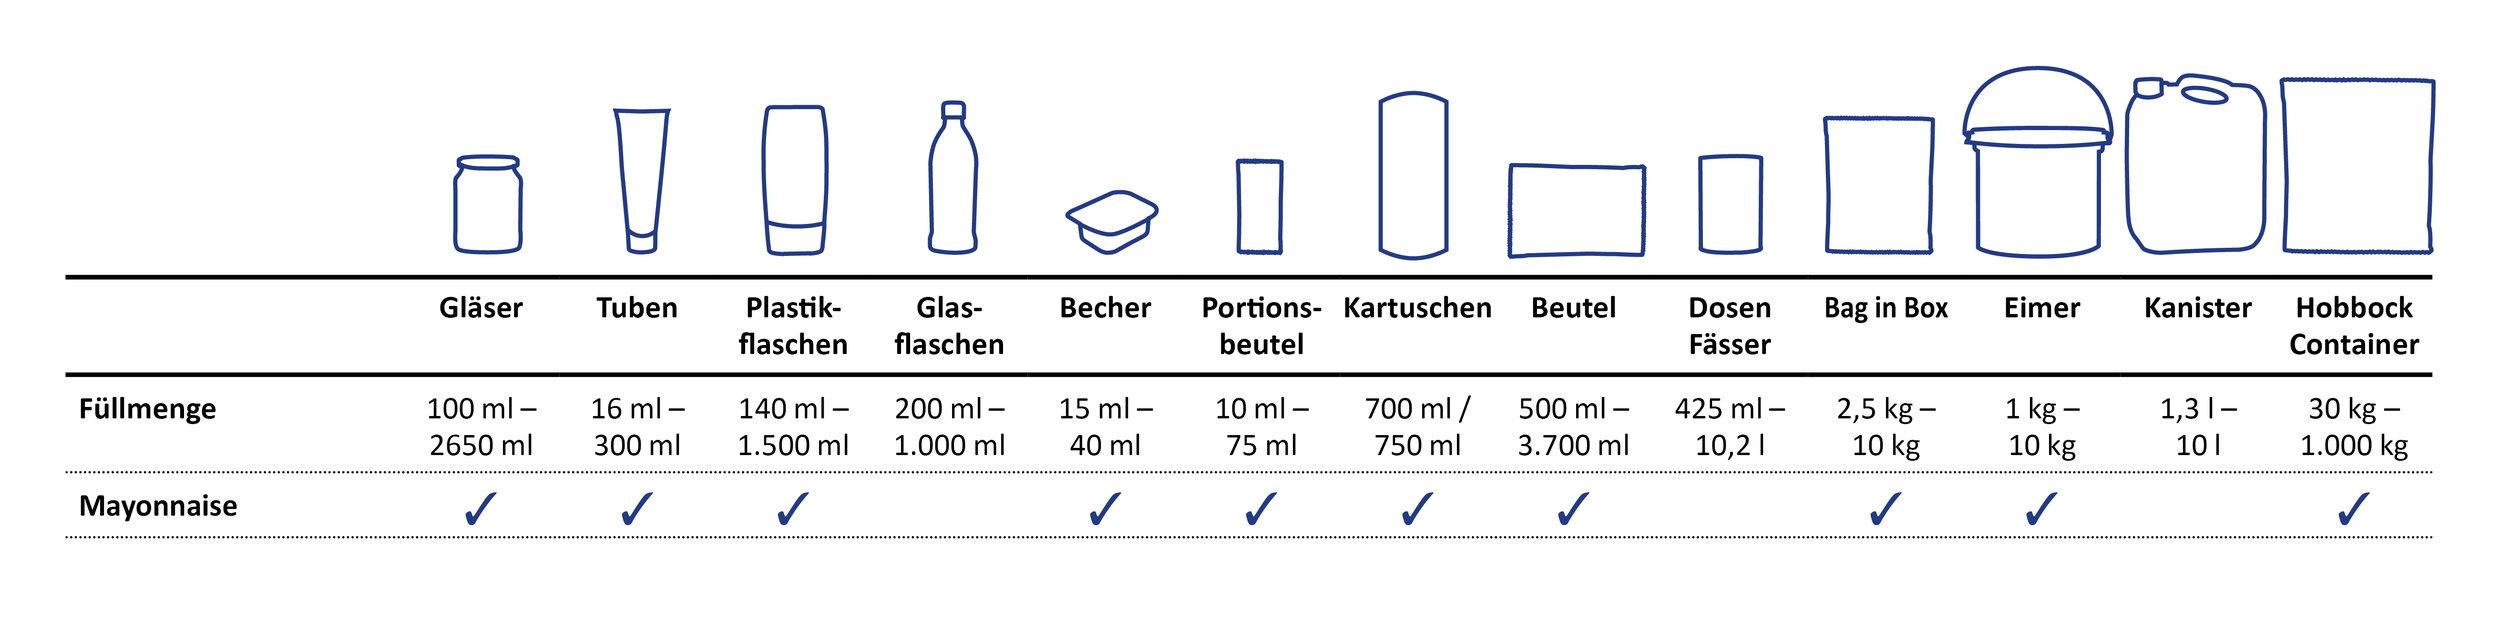 verpackungsuebersicht -sueko-mayonnaise-und-co.jpg